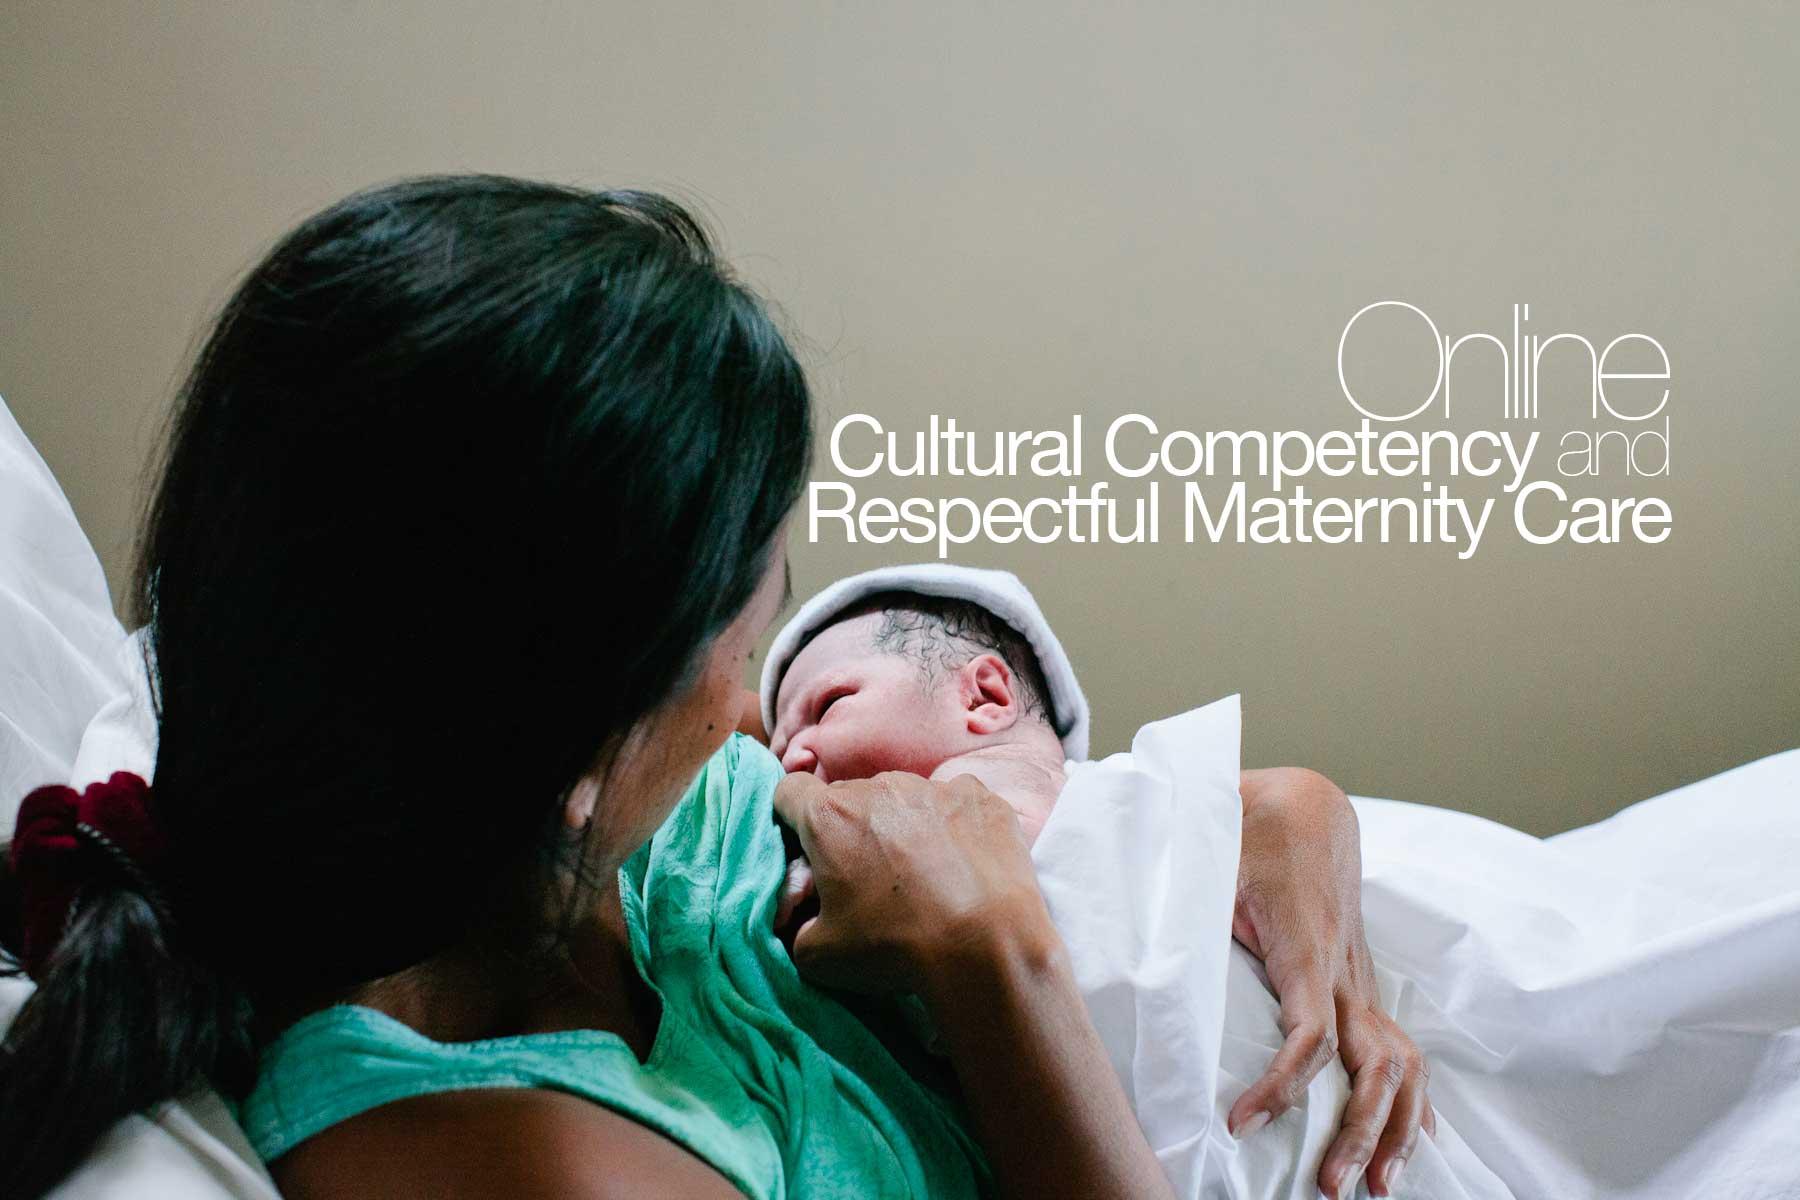 Online-Cultural-Competency.jpg